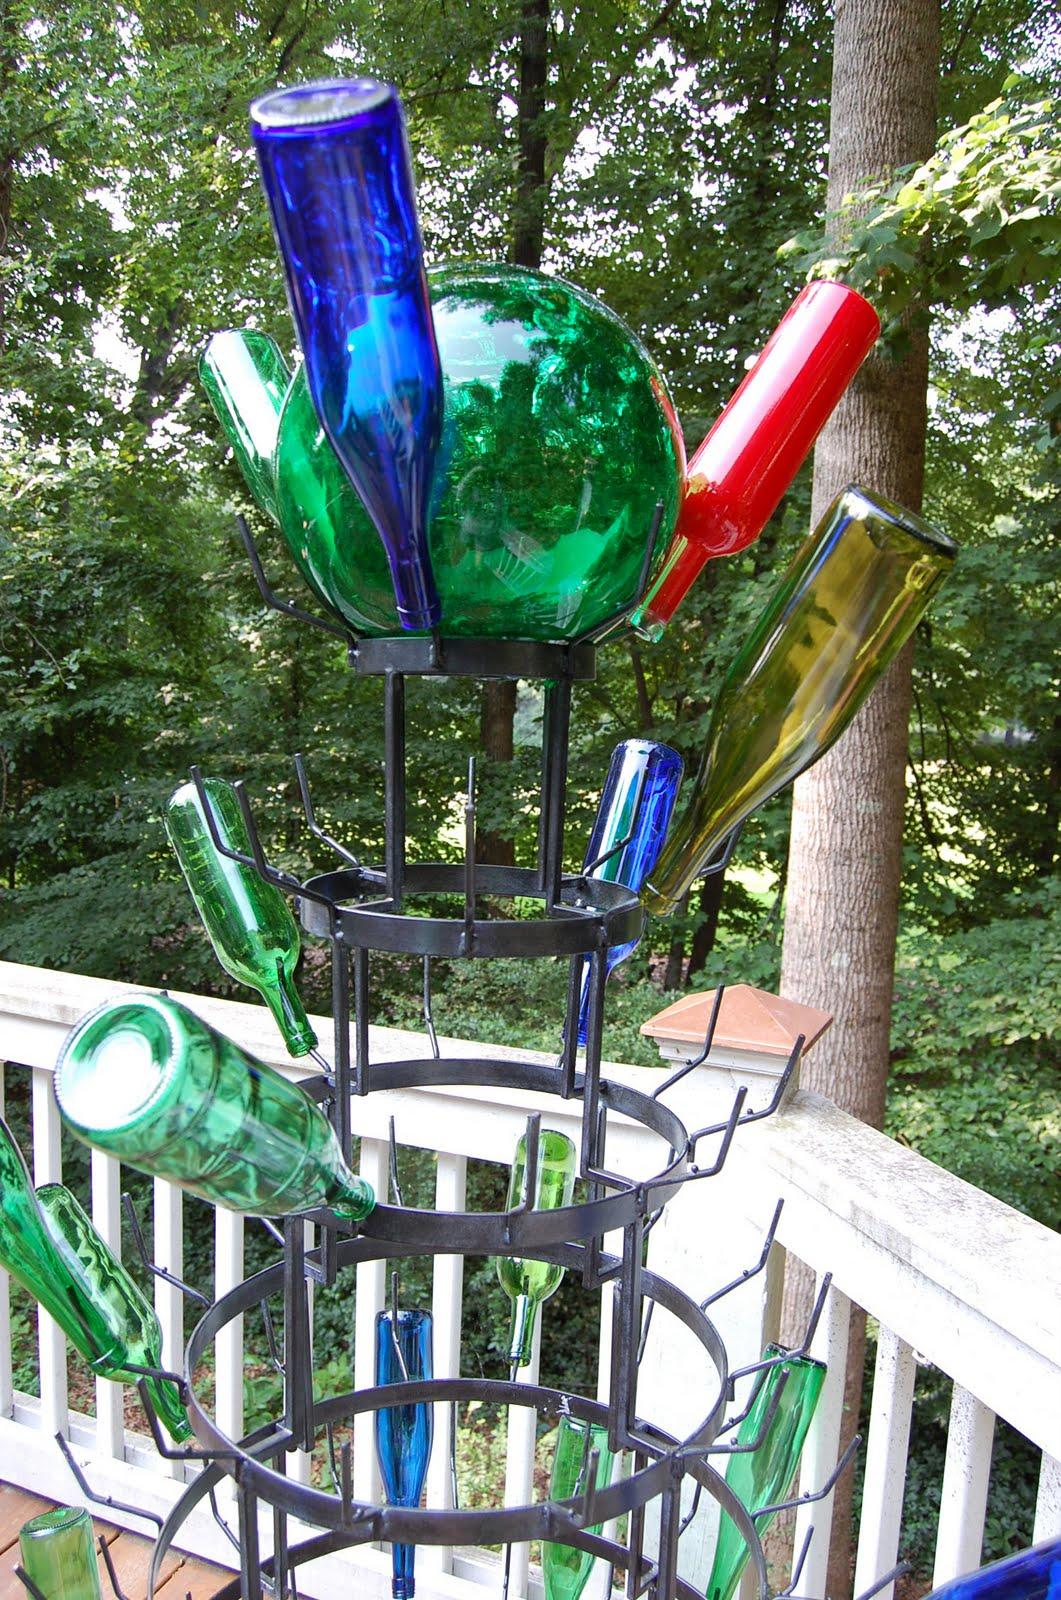 Tree Dreams and Yard Art Fantasies